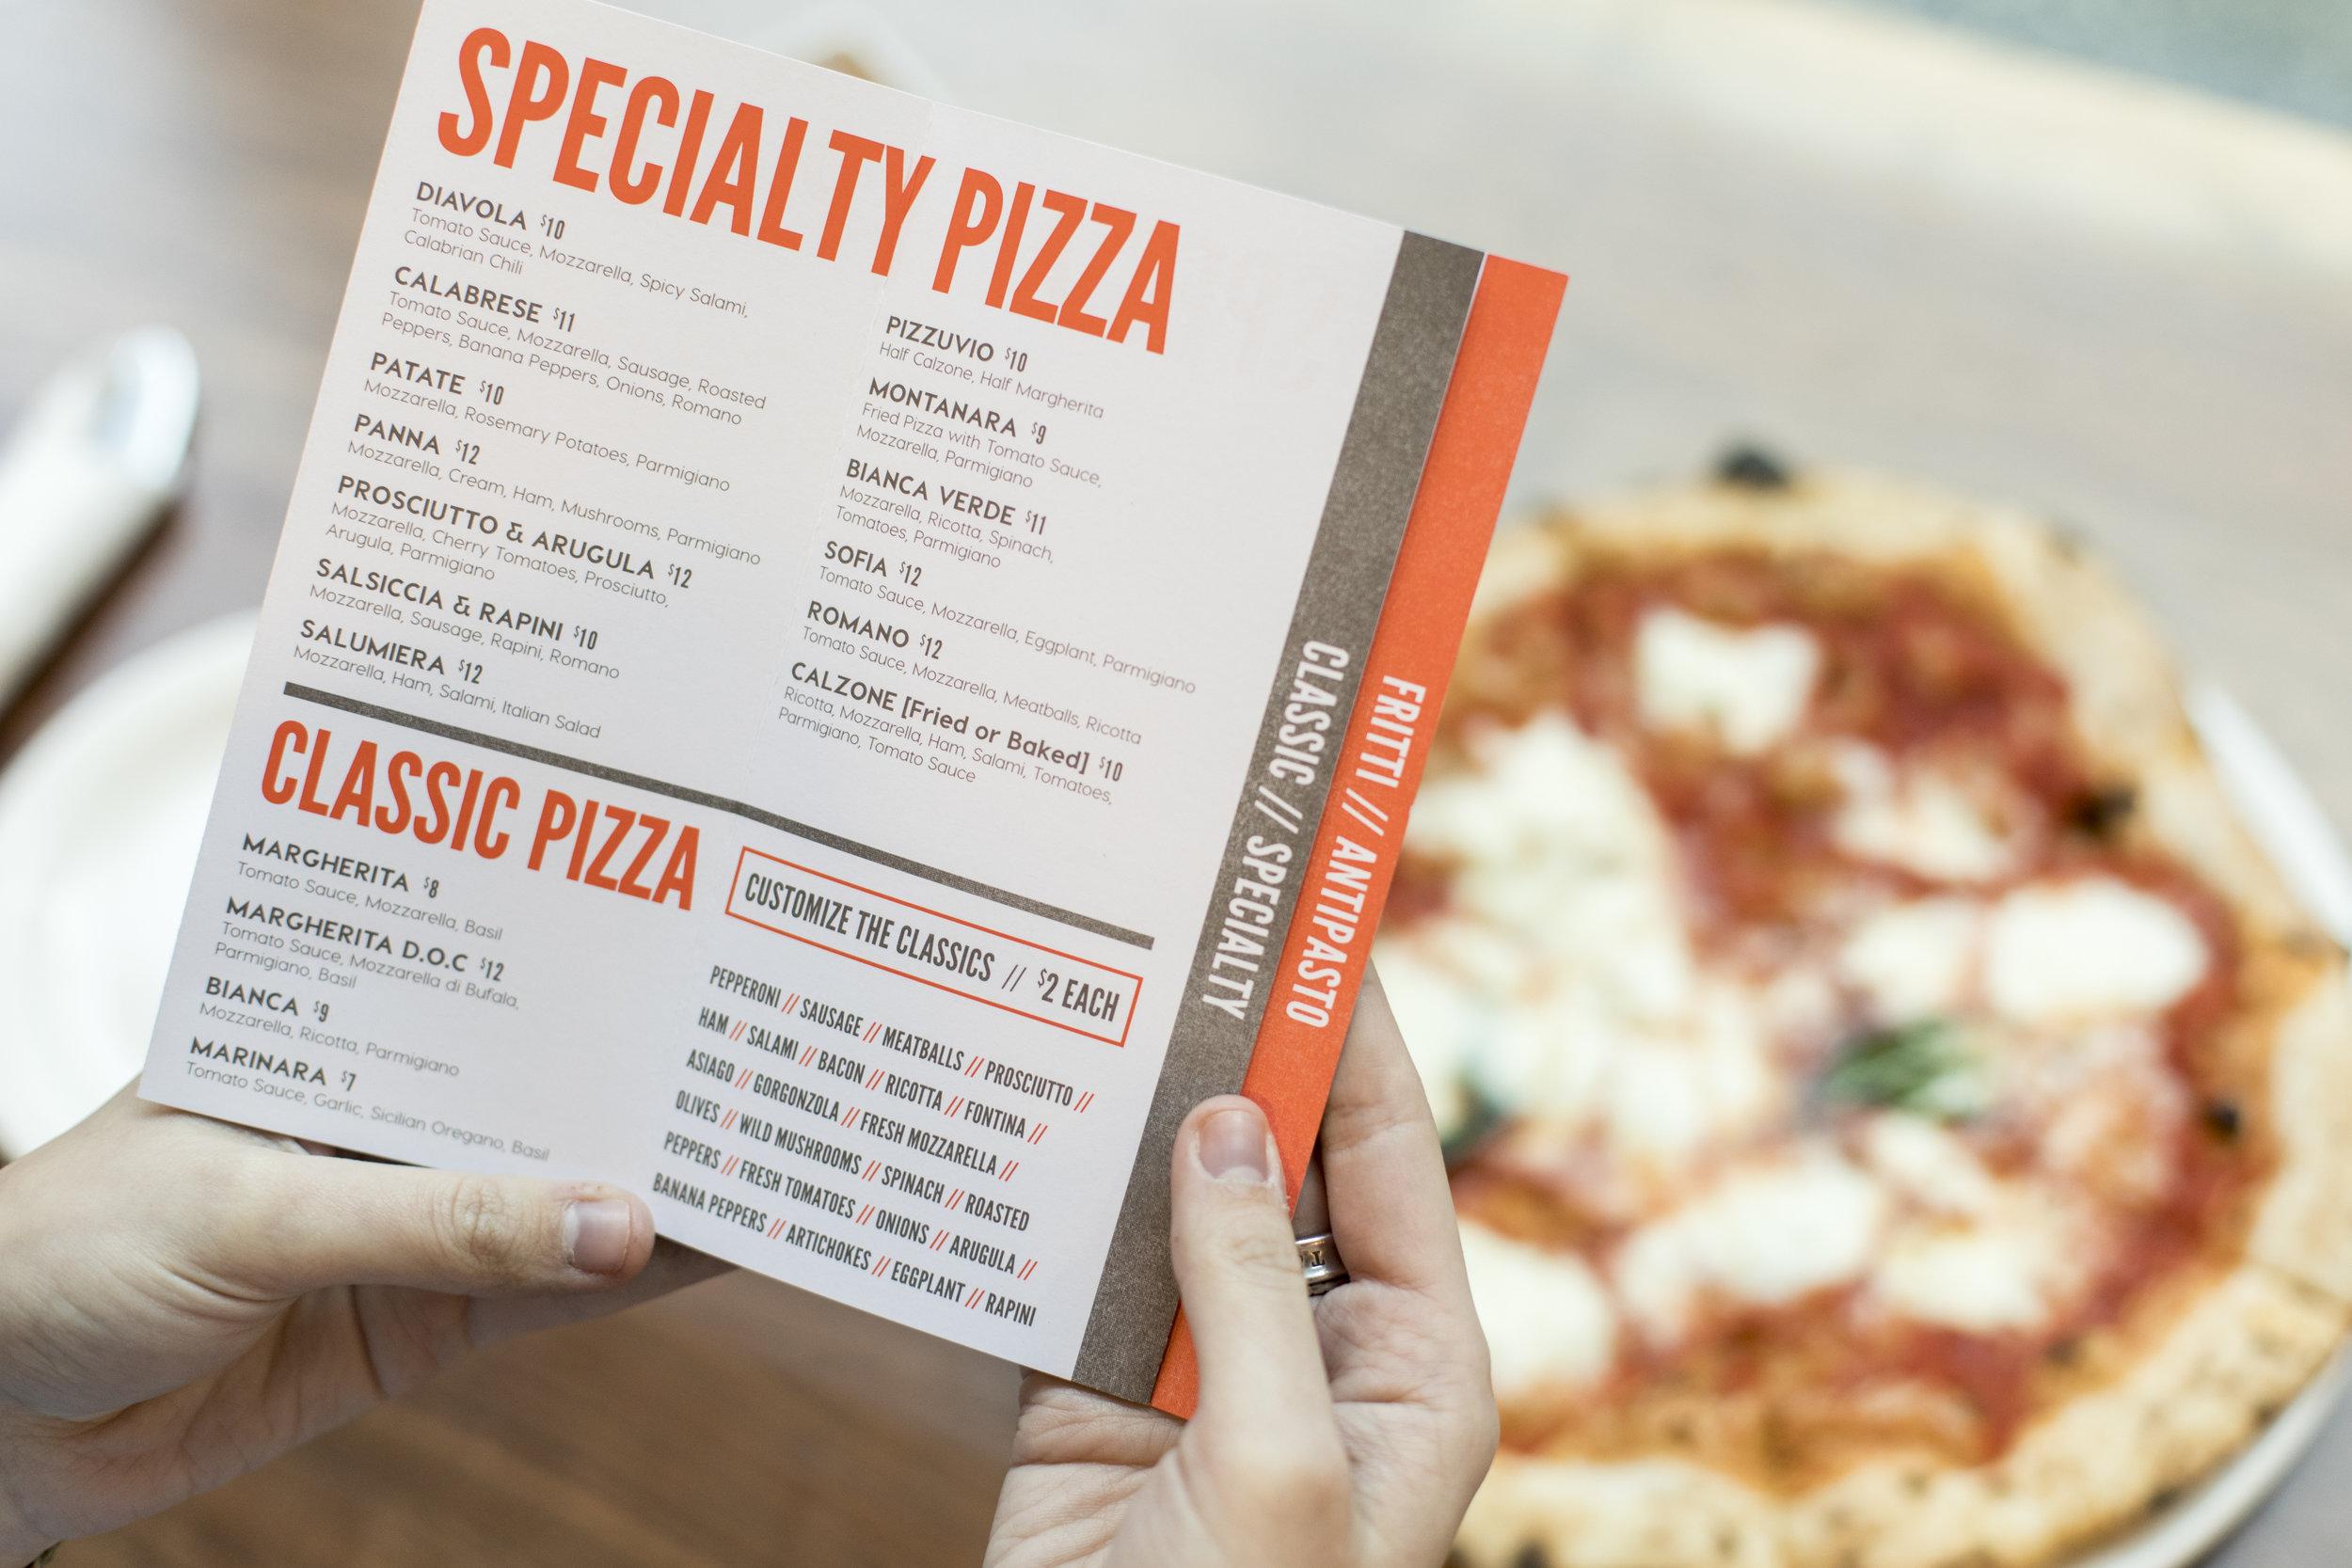 Pizzuvio-18.jpg